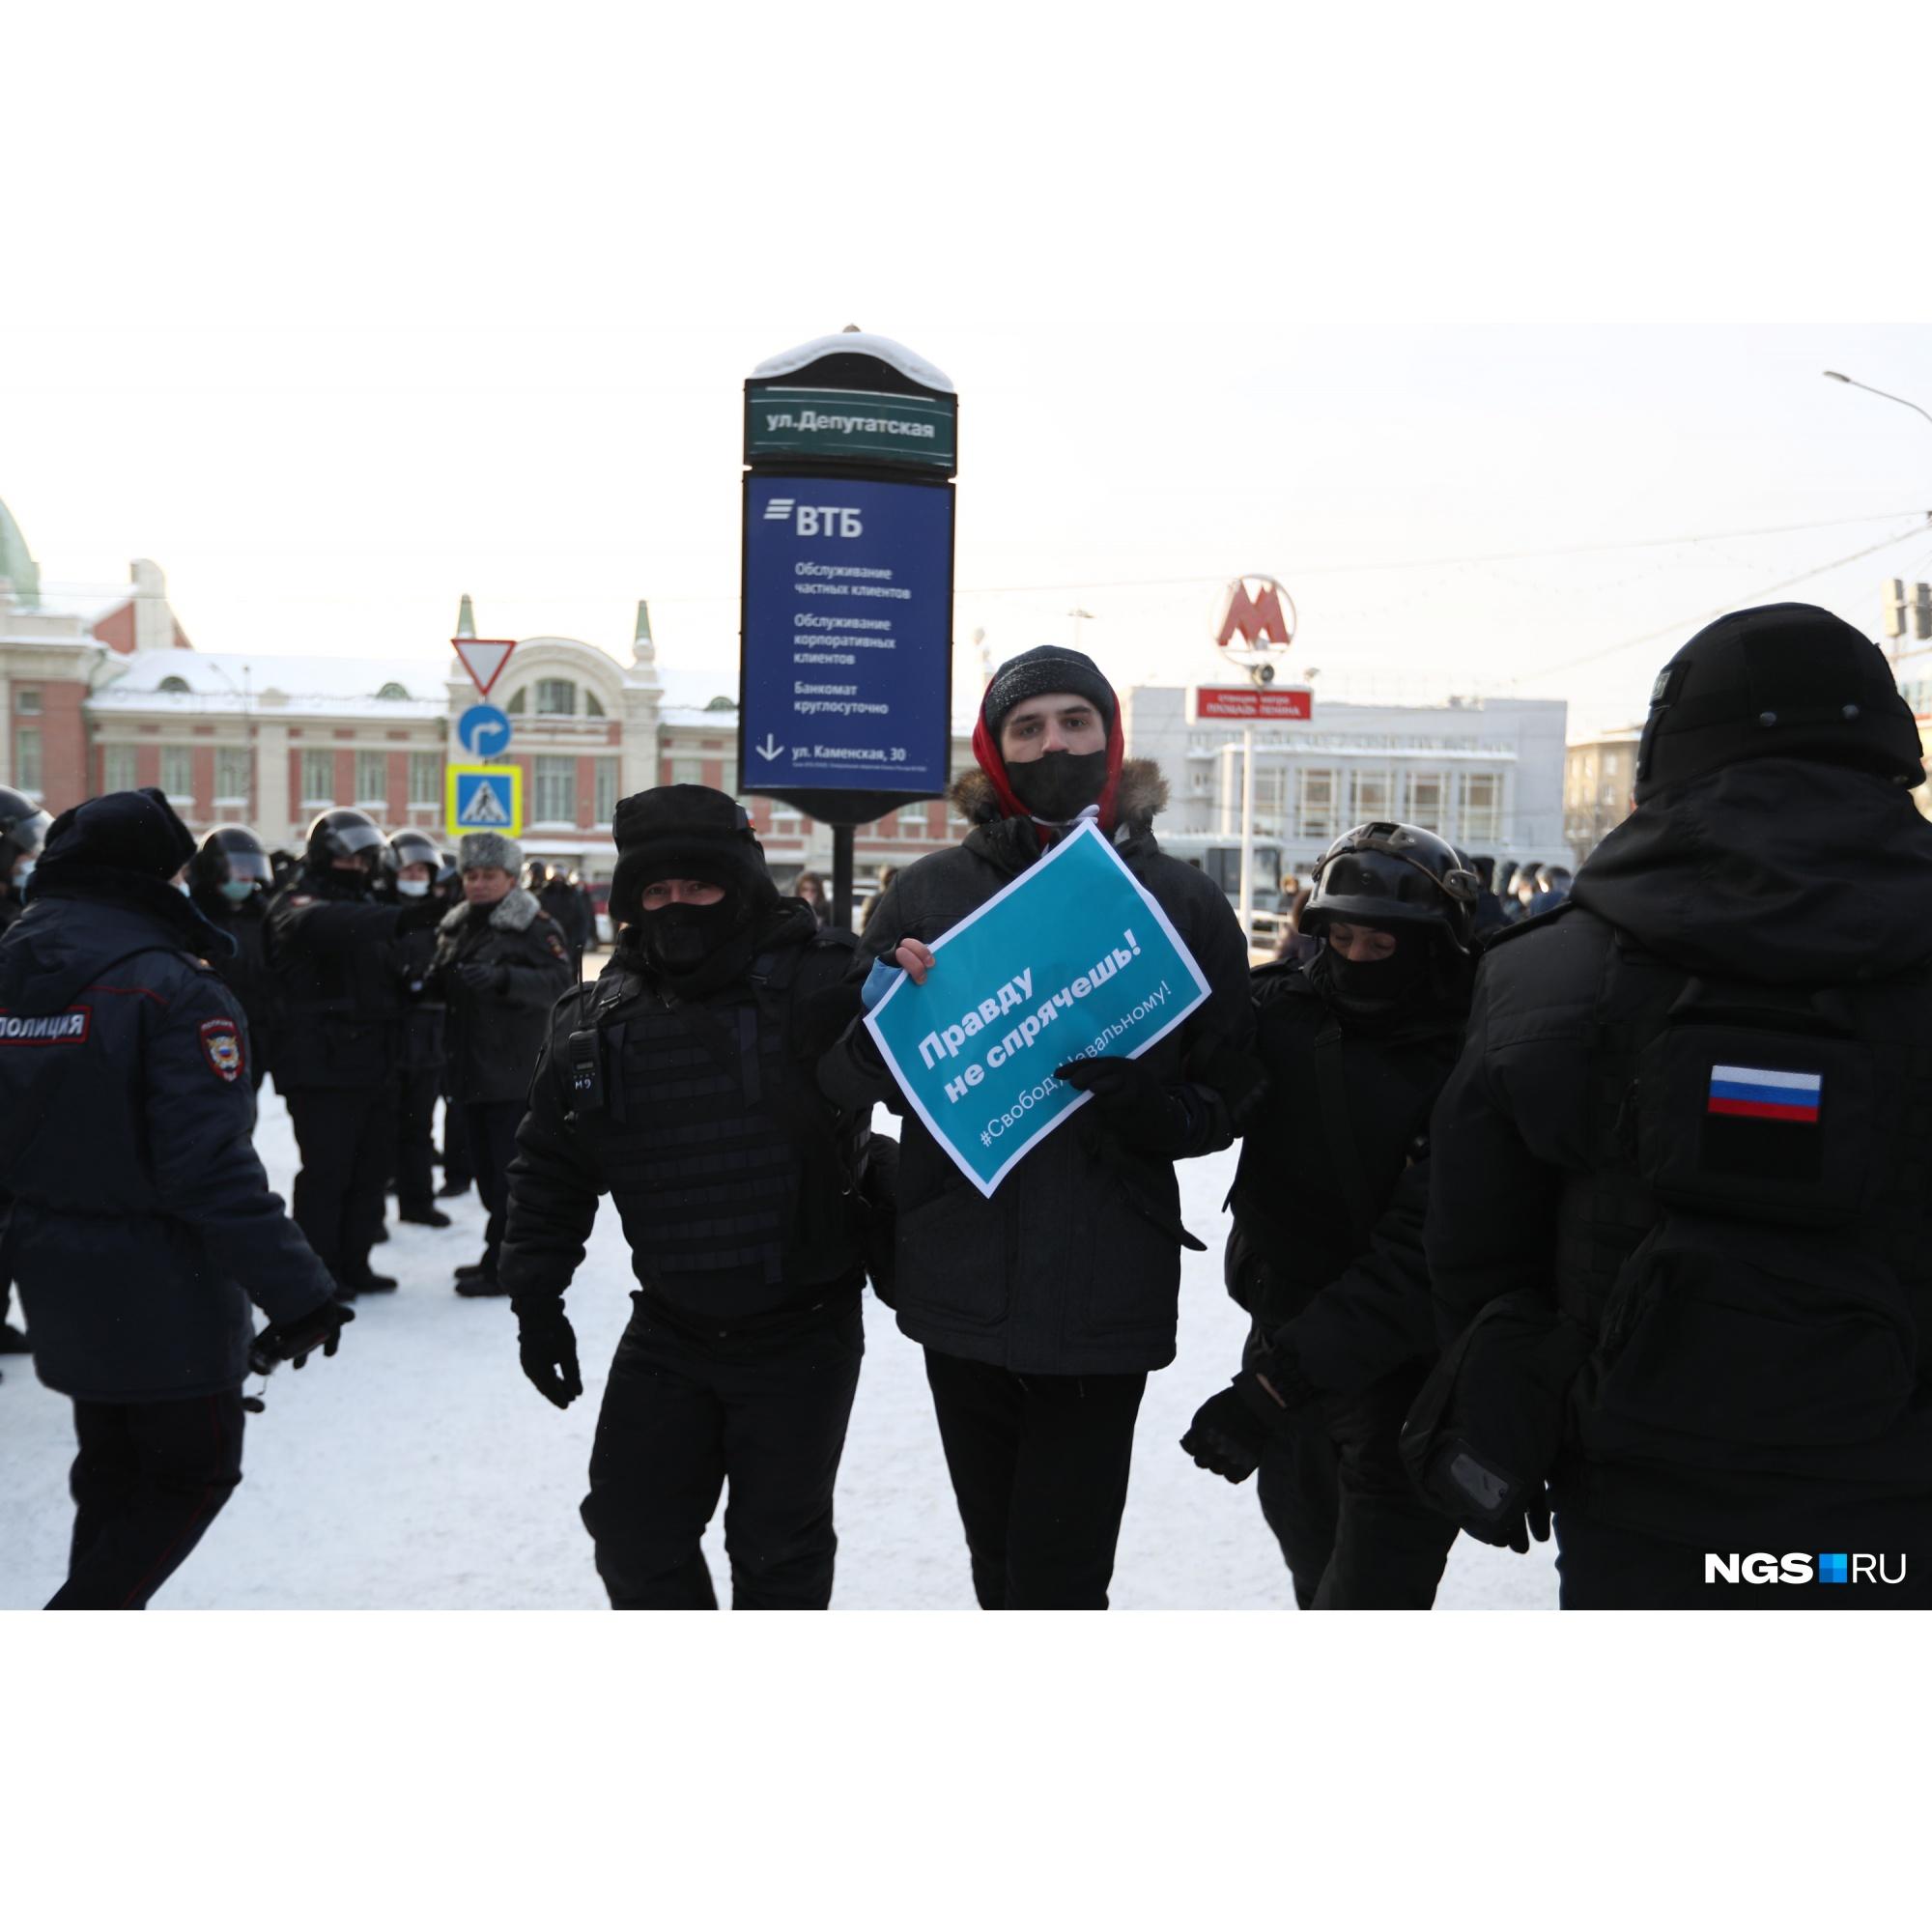 Силовики начали уводить участников акции в автозаки еще в районе метро «Красный проспект»